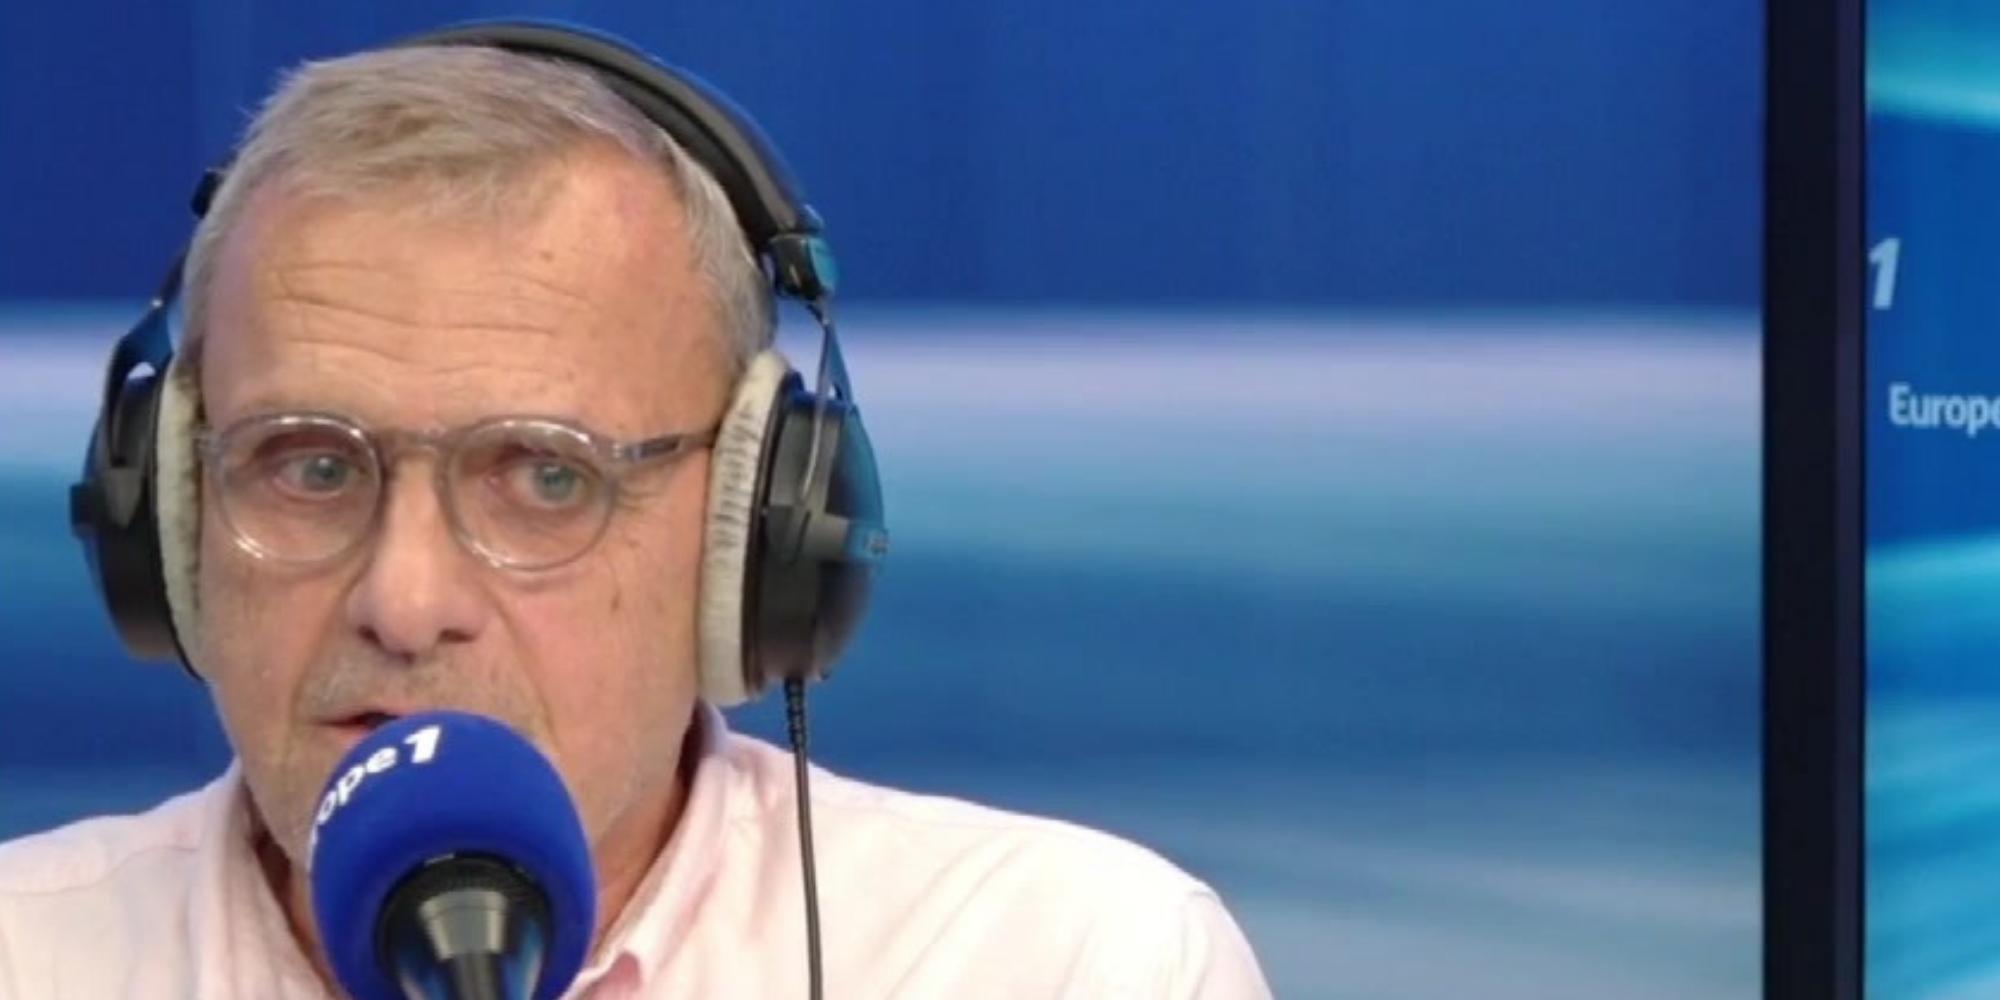 """Jean-Charles de Castelbajac : """"J'ai inventé la doudoune contre les manteaux de fourrure"""""""